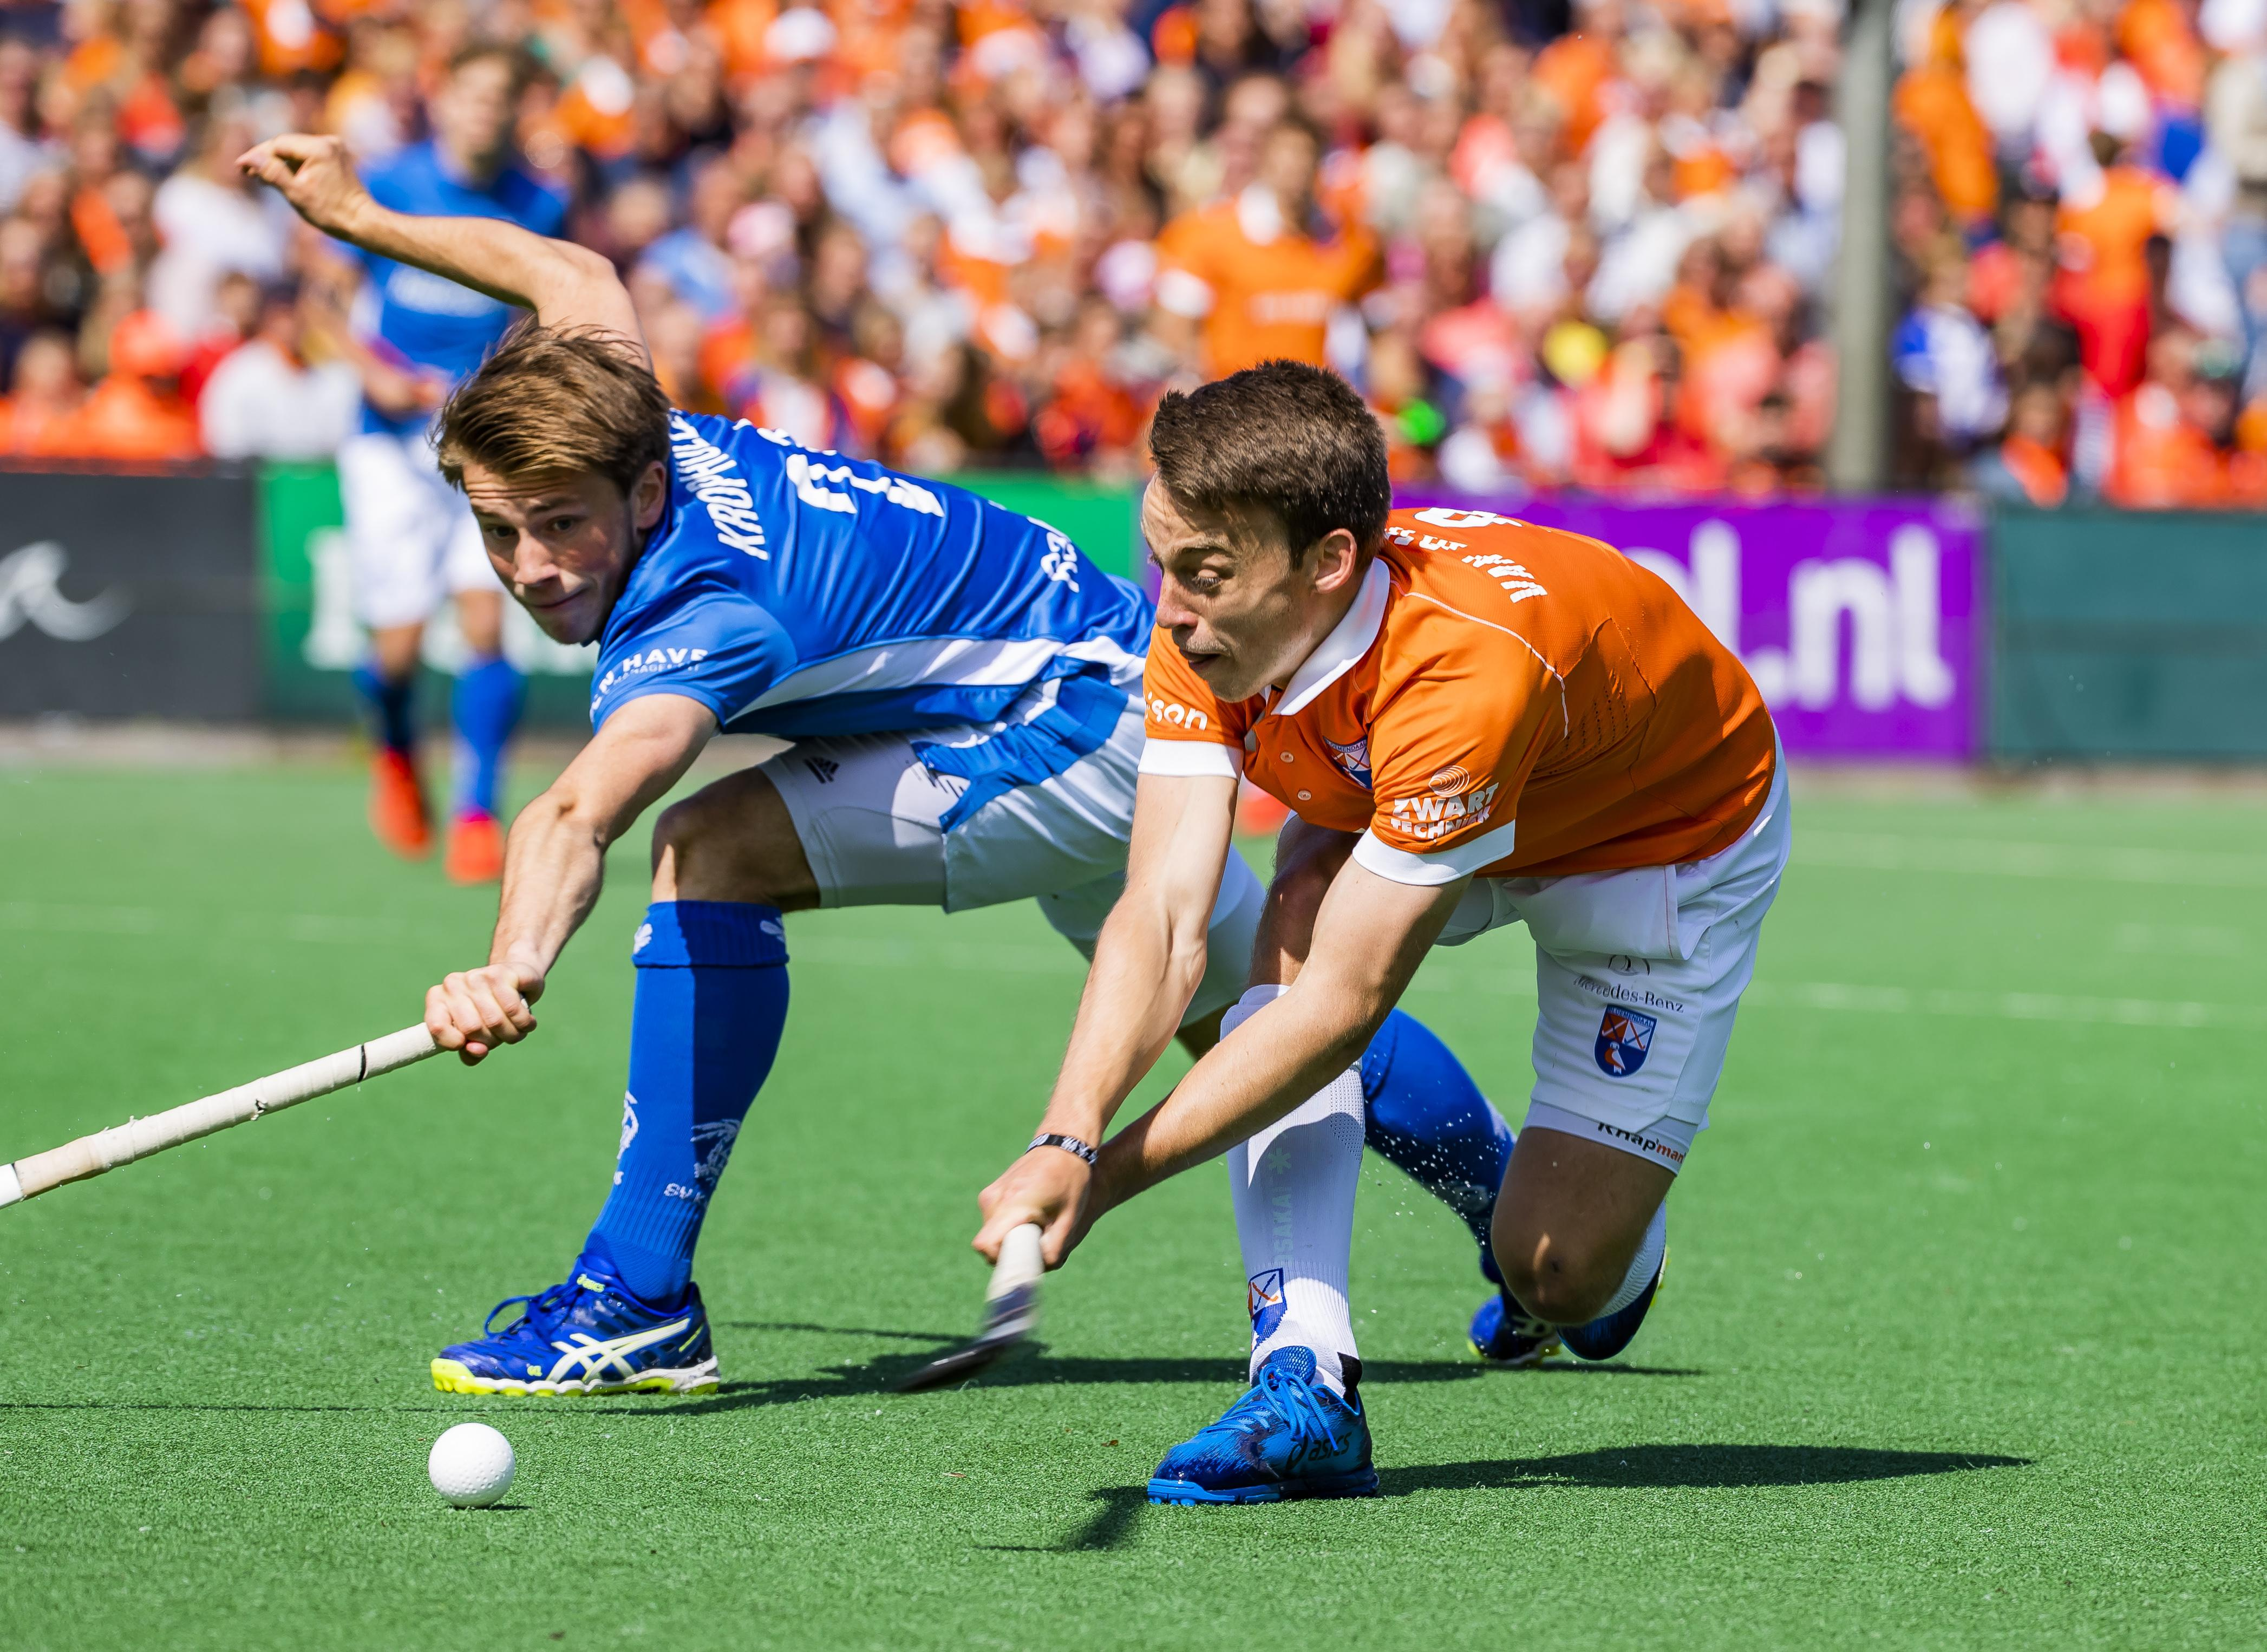 Hockeyer Yannick van der Drift (23) van Bloemendaal probeert wat positiefs te halen uit 'coronapauze': Spits doet meer in de sportschool en werkt aan zijn techniek